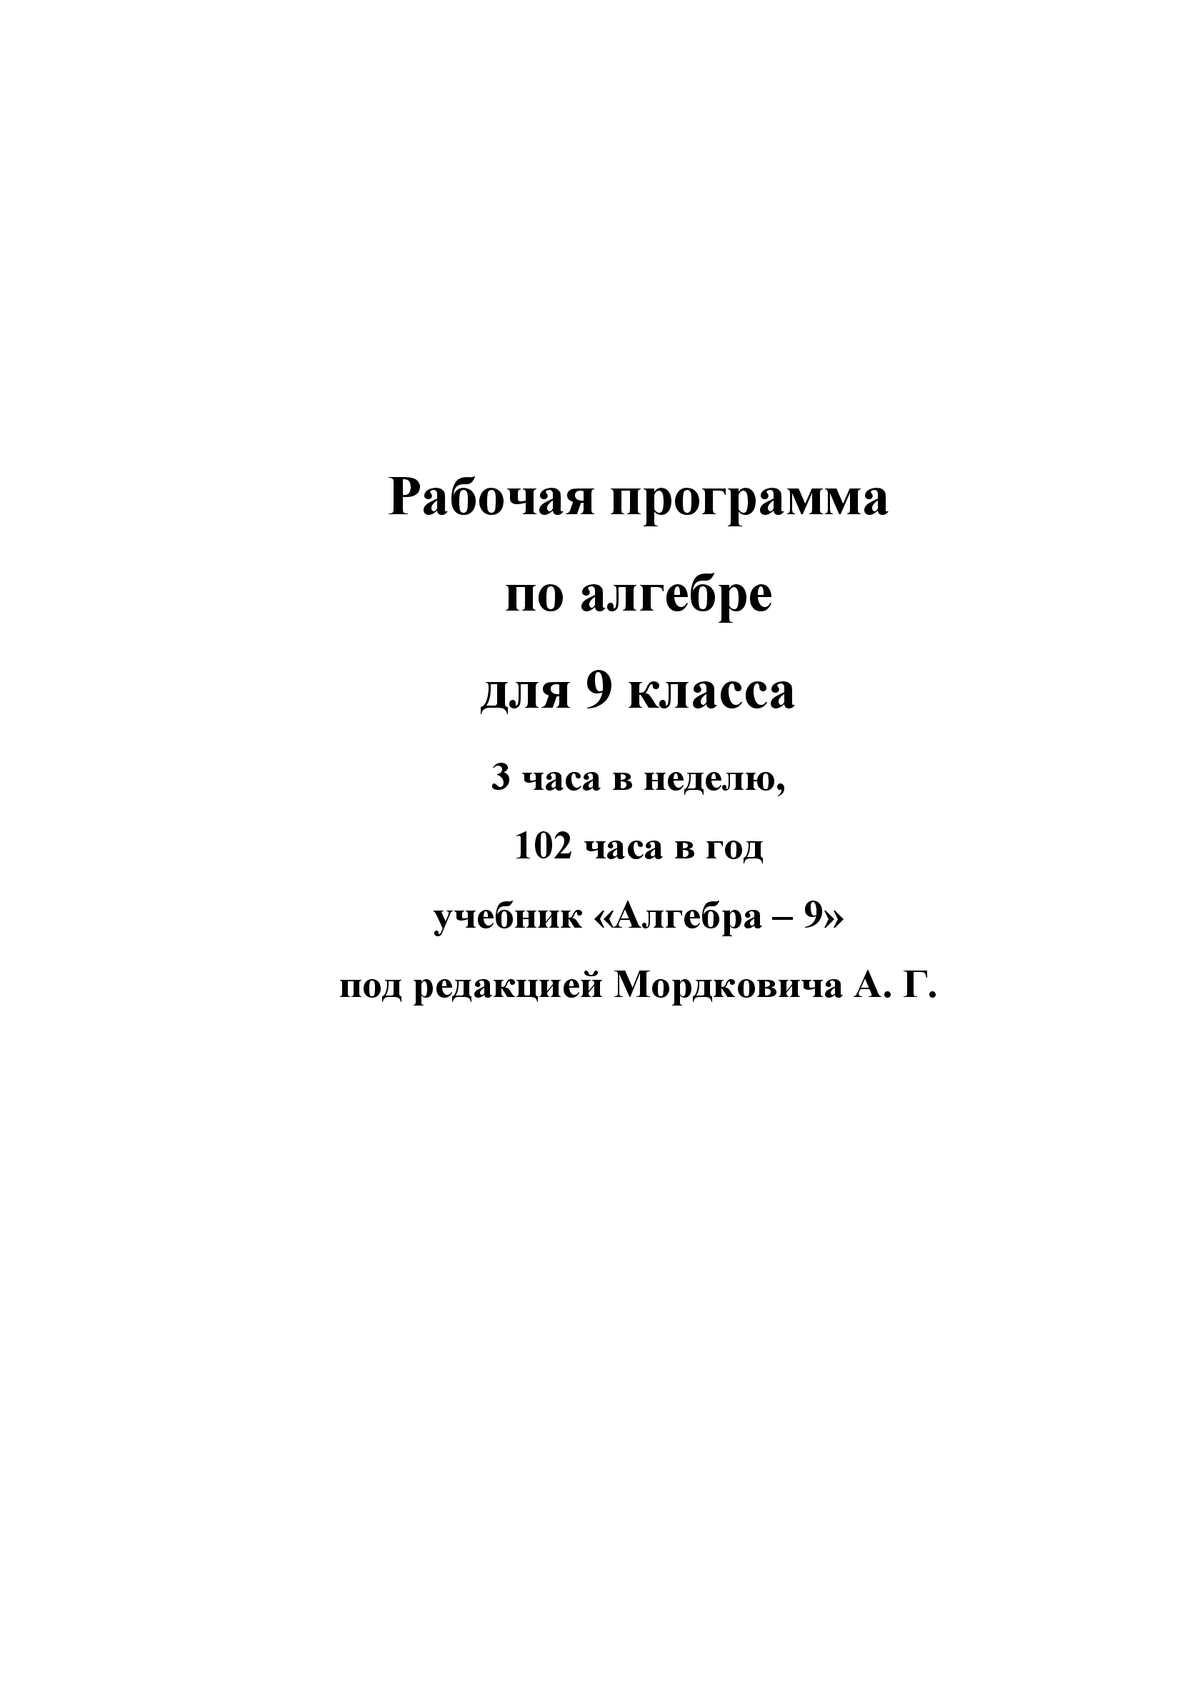 Рабочая программа по алгебре 9 класс автор программы Горбунова И.В.